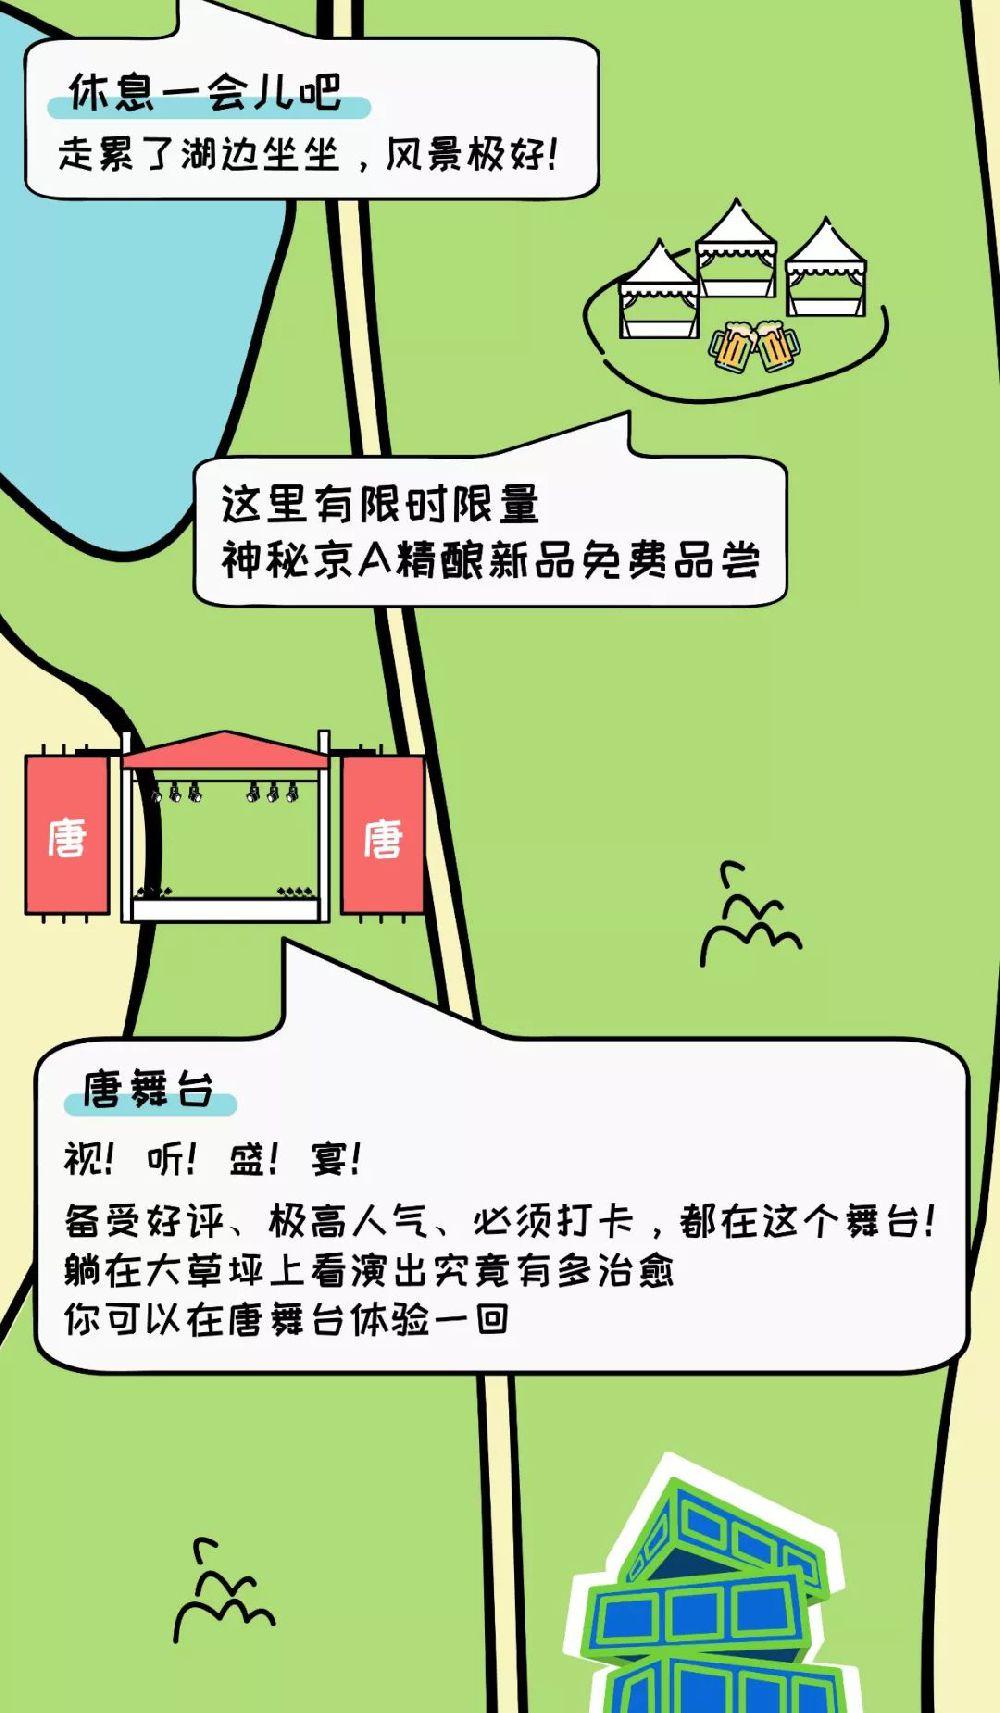 2019苏州太湖迷笛音乐节兑票/购票点及入场须知